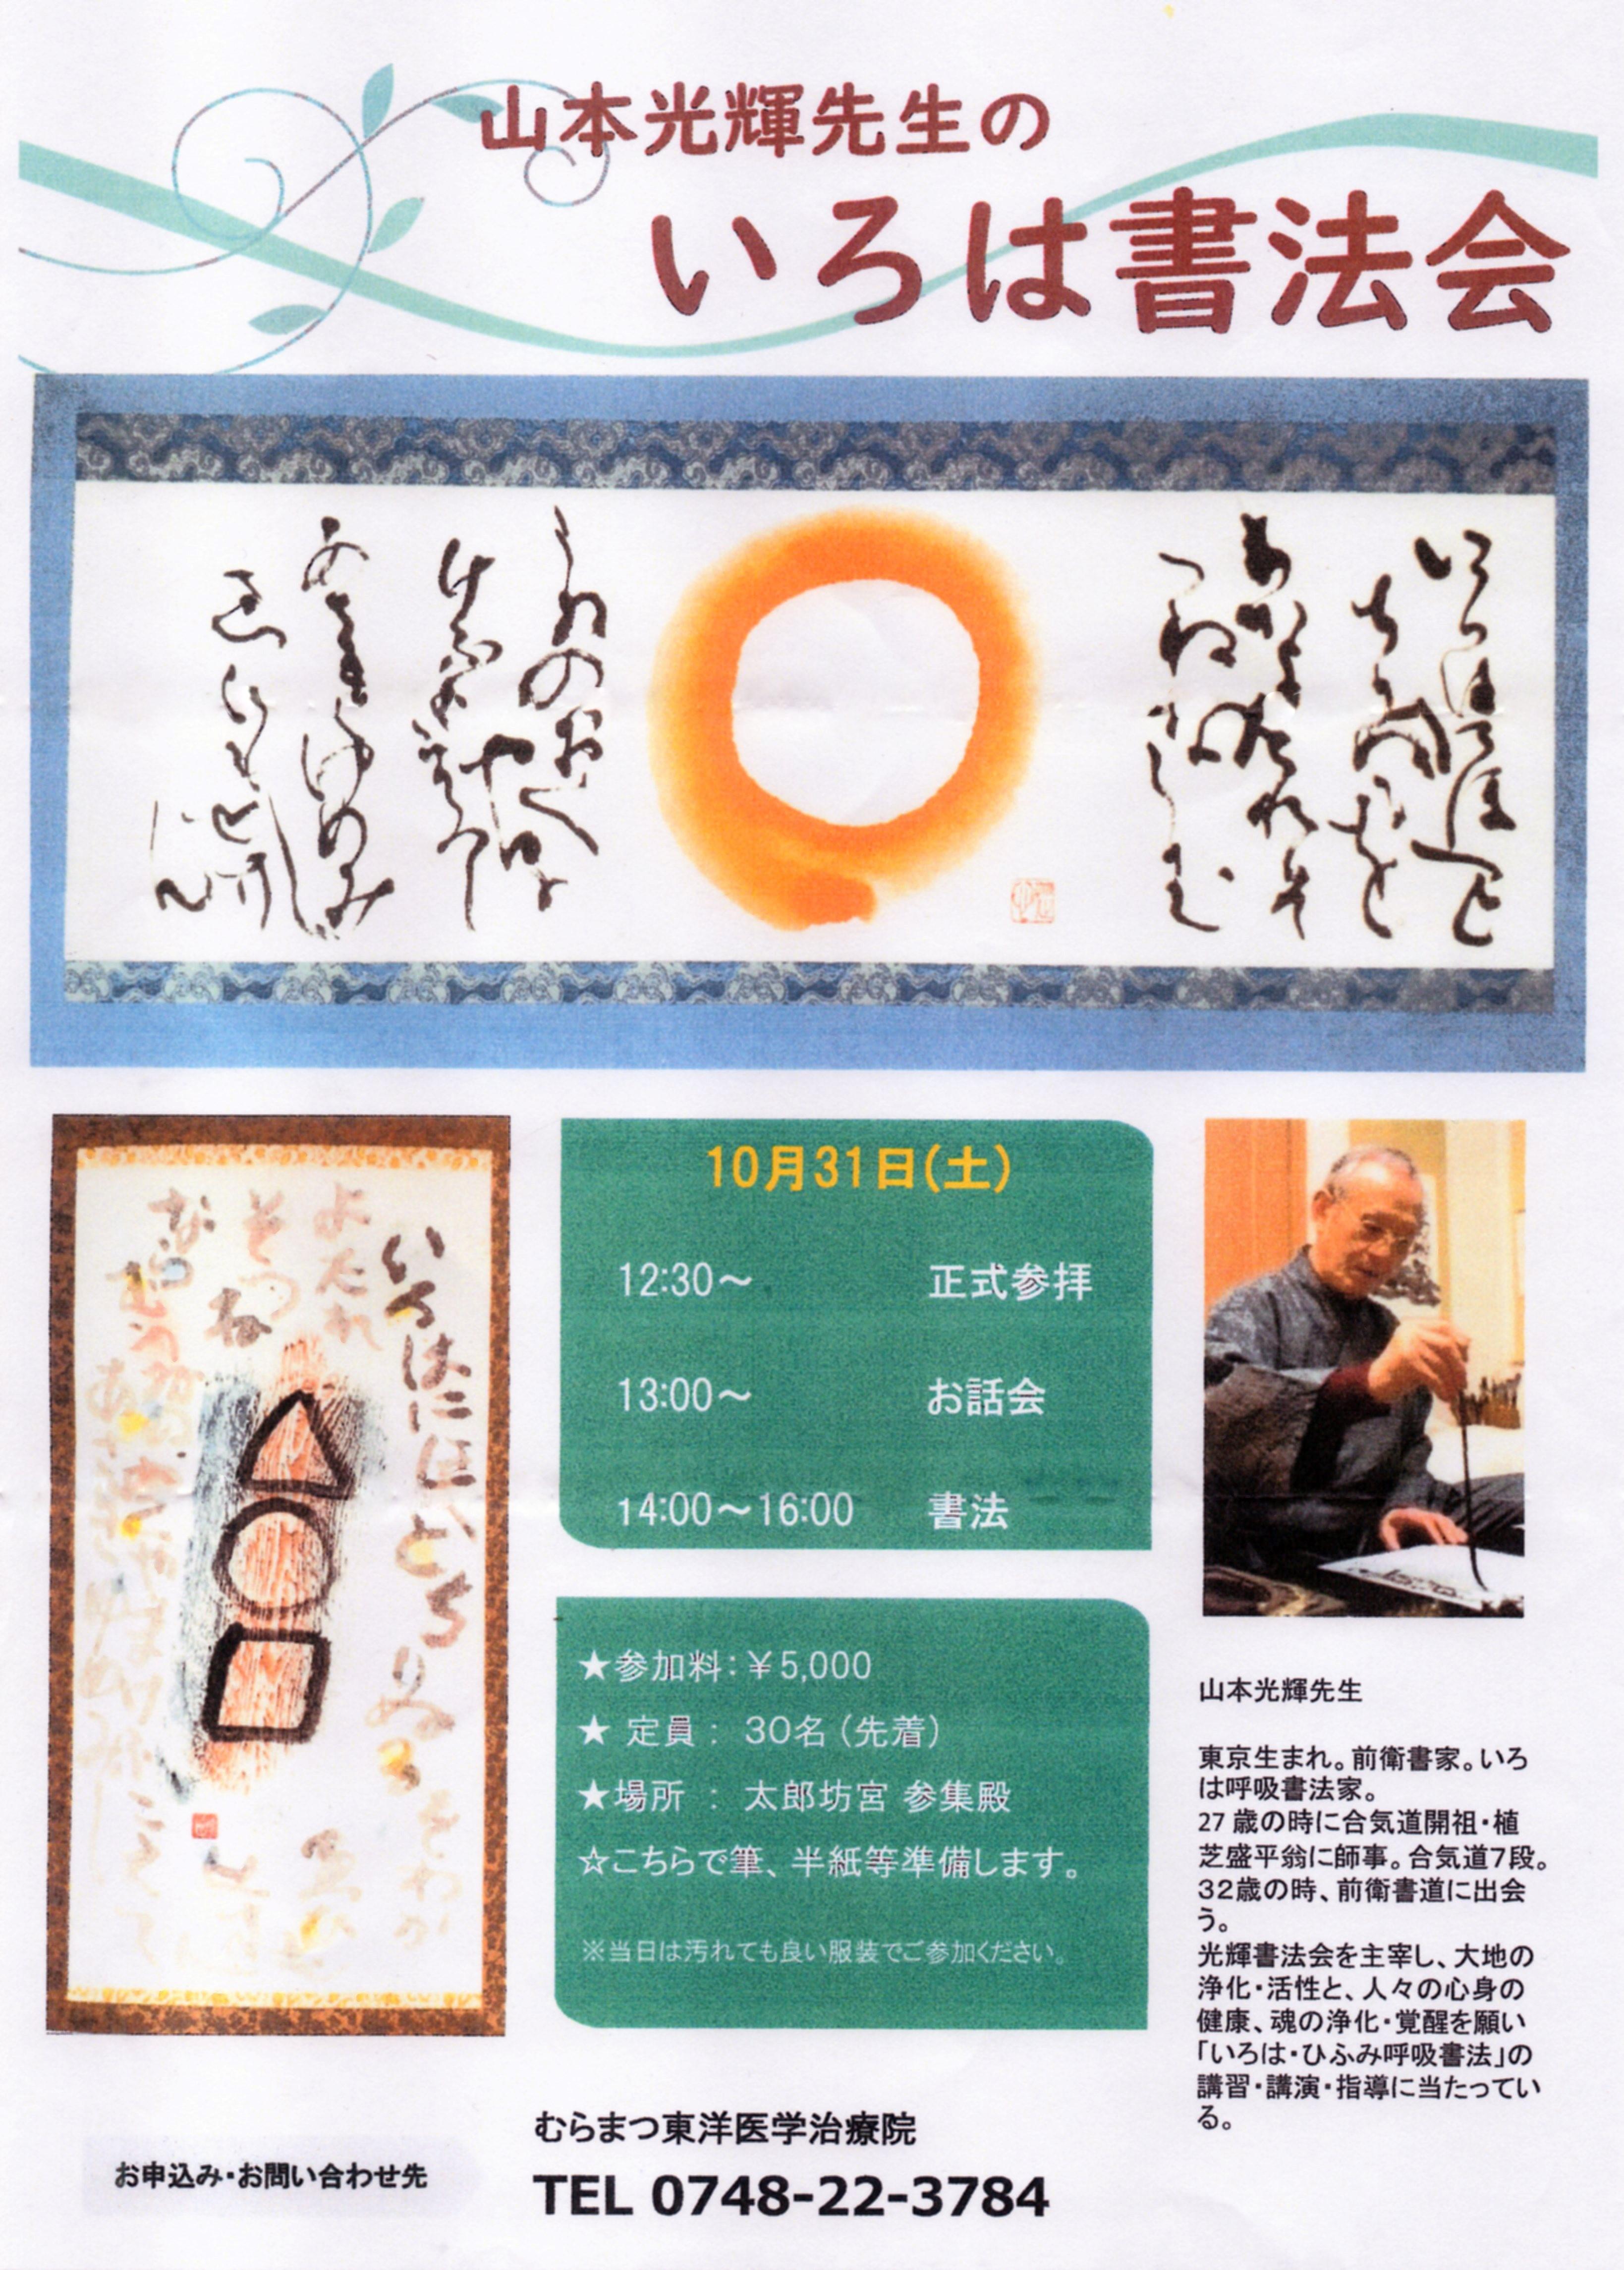 滋賀勉強会のお知らせ